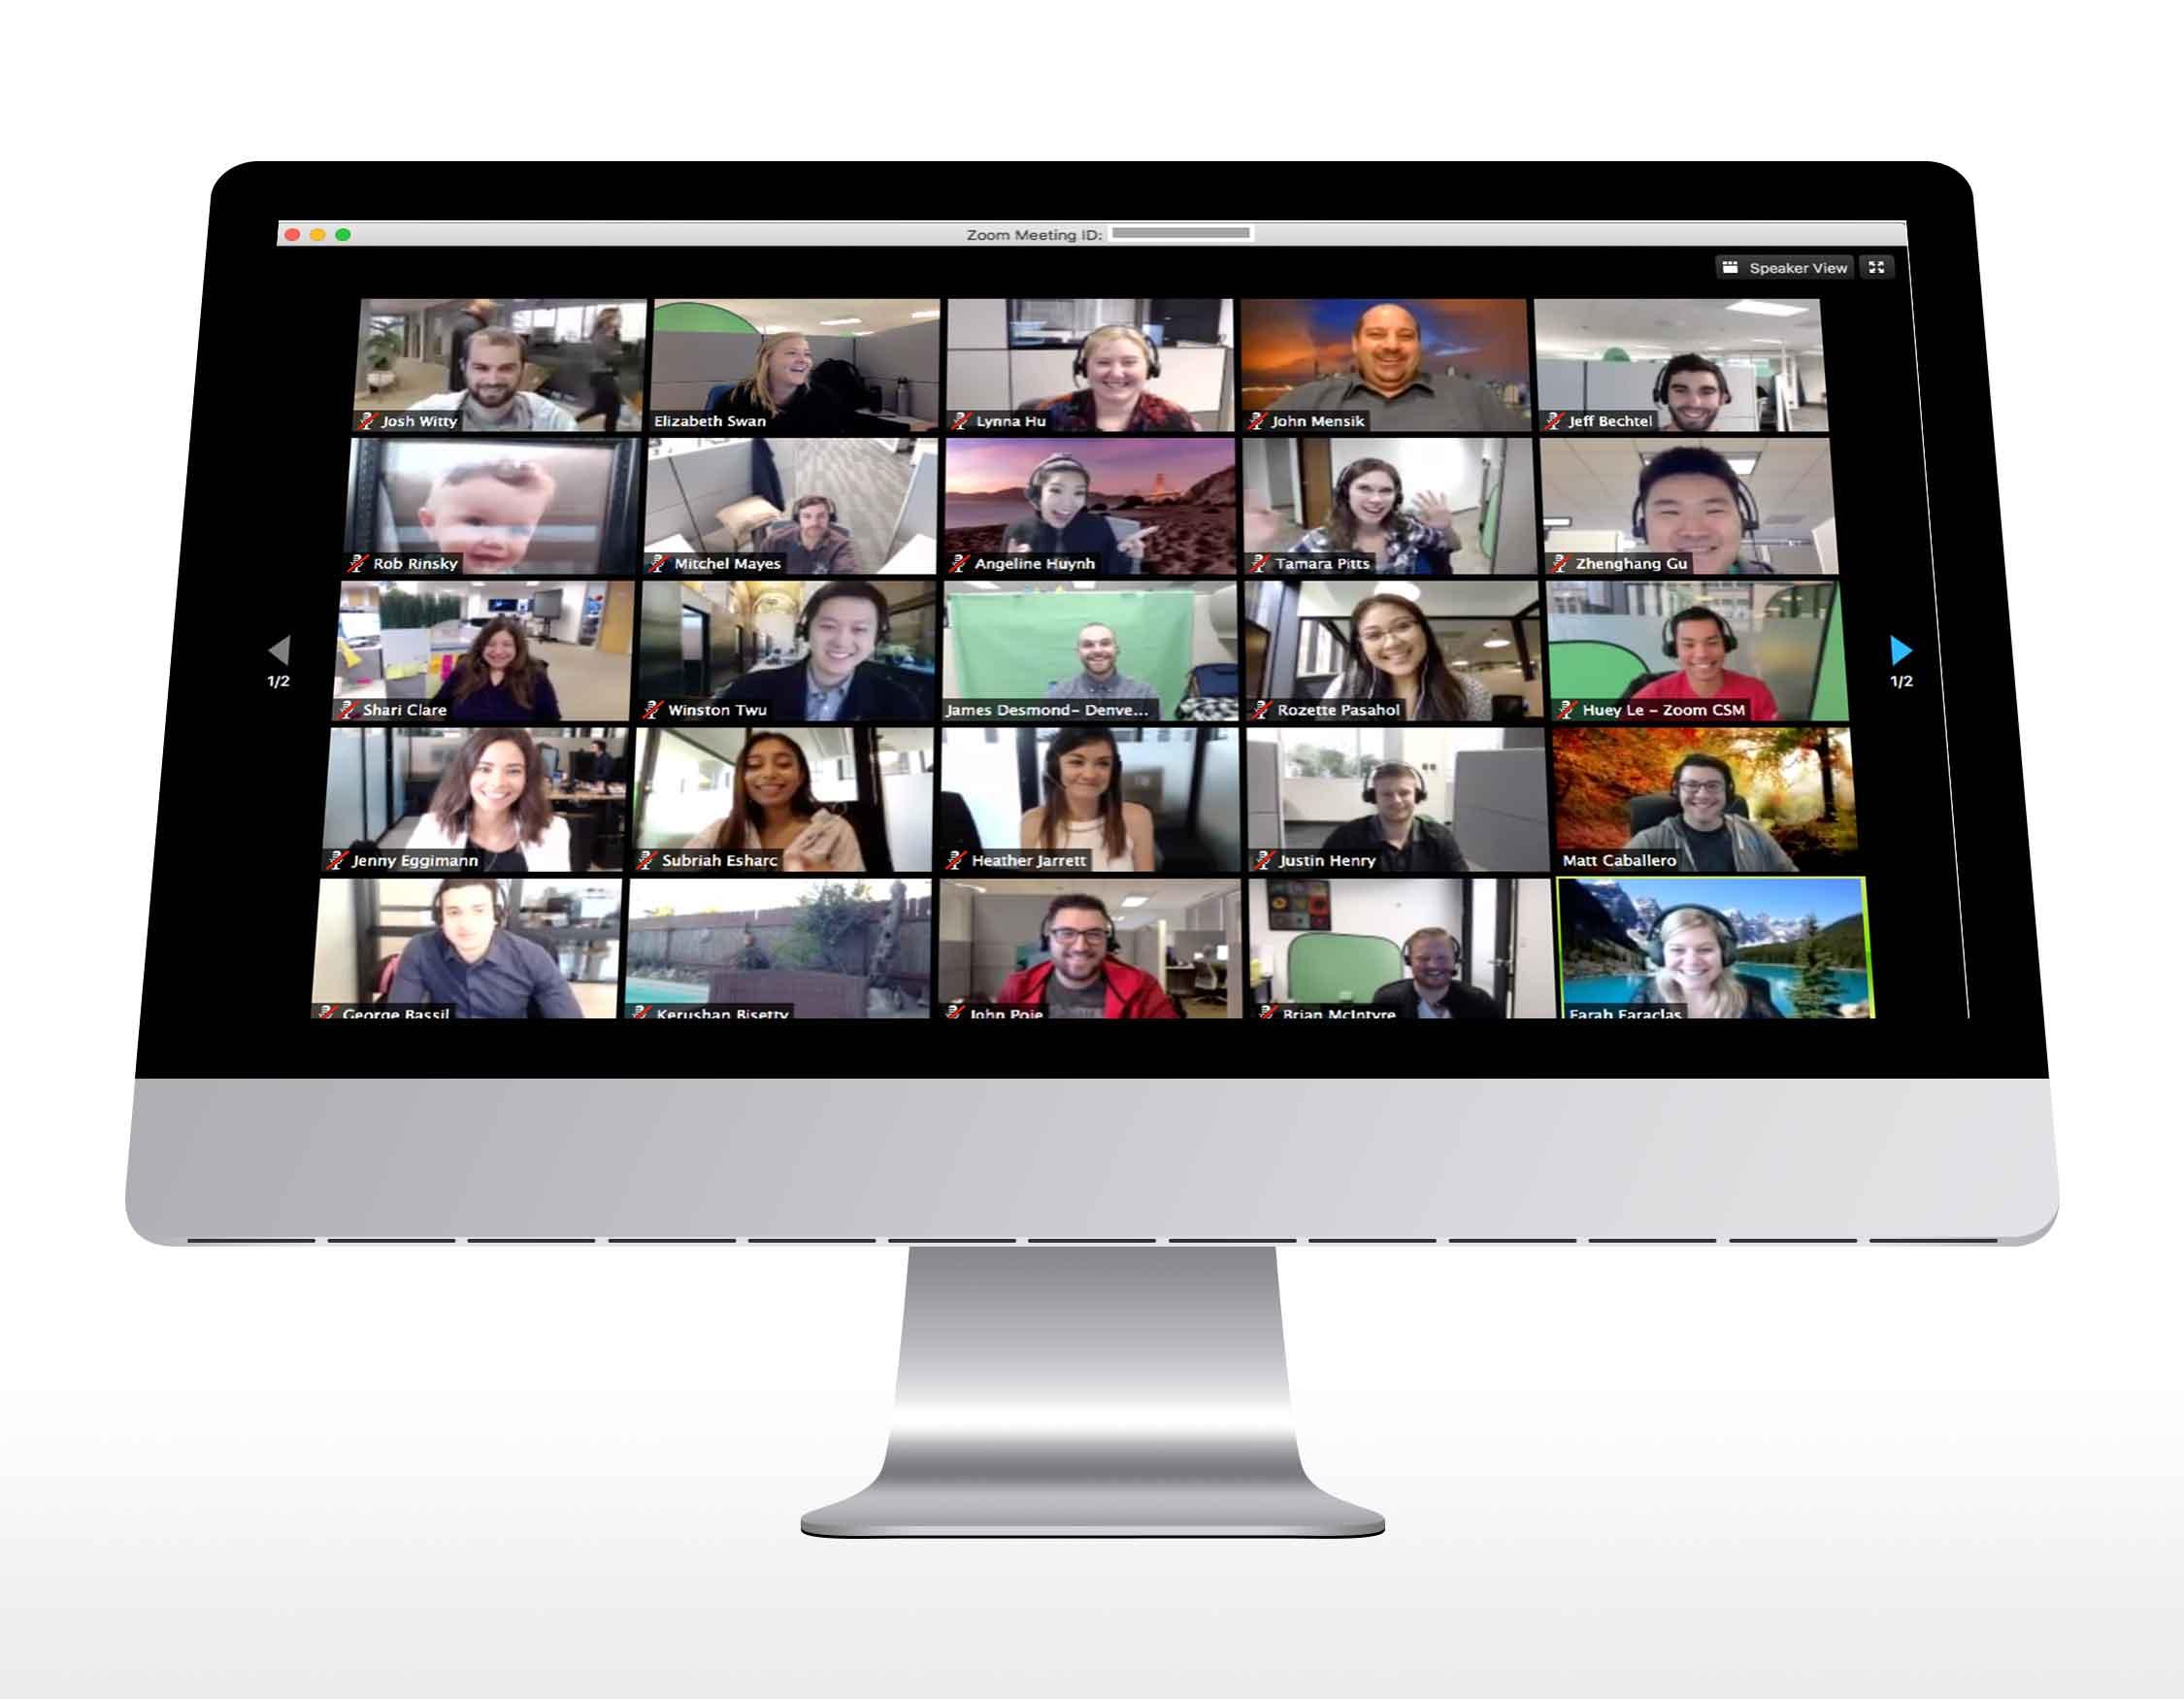 Для заказа сайта онлайн обучения с подключением ZOOM пишите в комменты или через профиль.